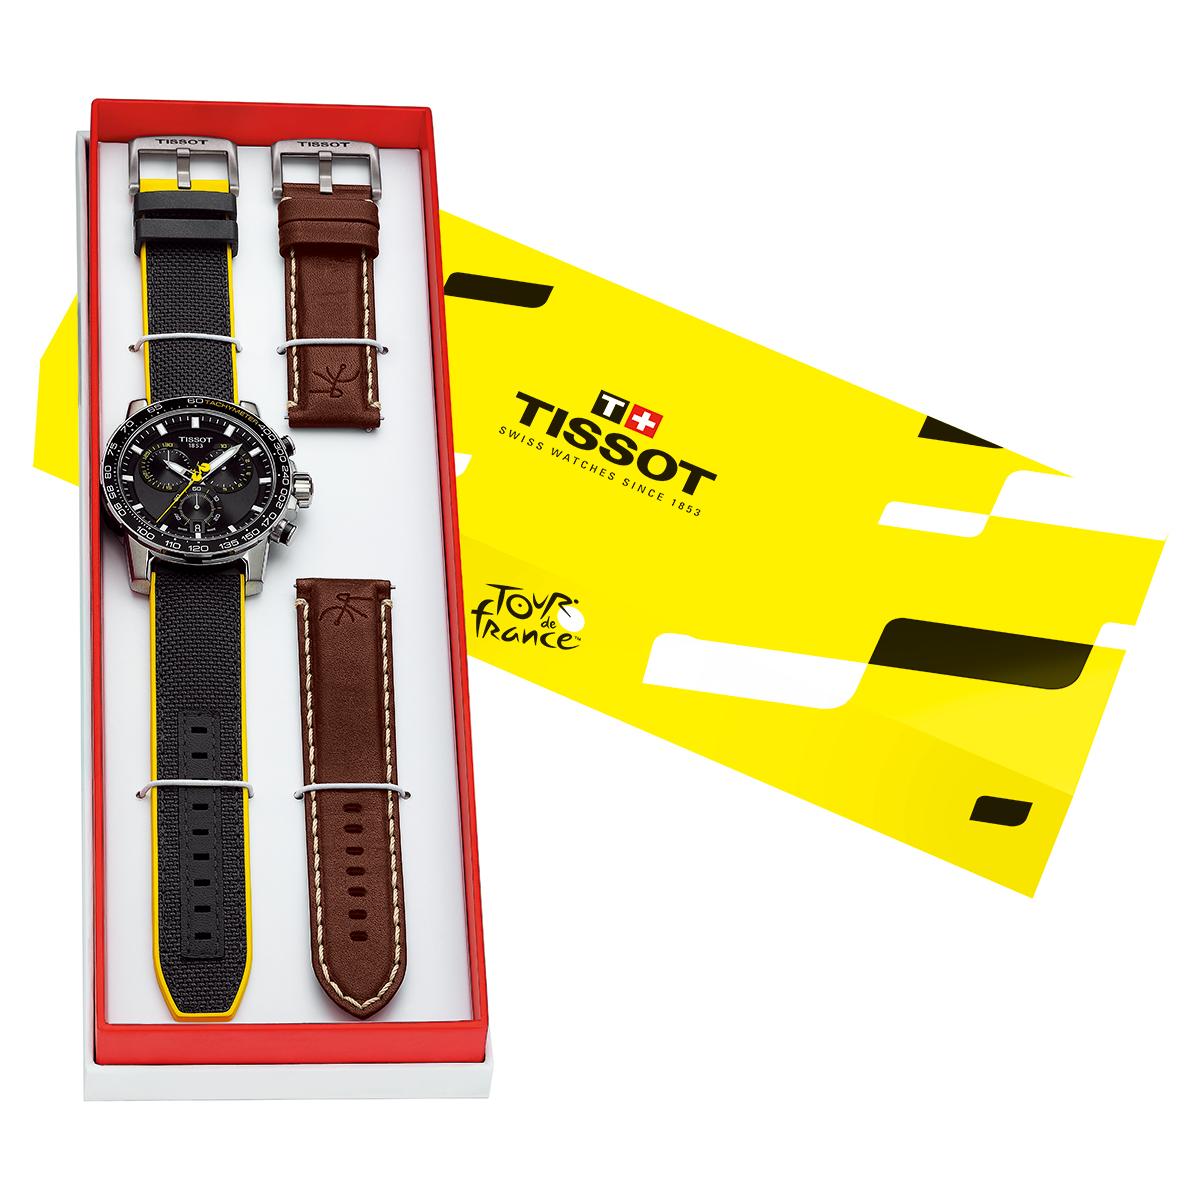 ティソ TISSOT 腕時計 メンズ スーパースポーツ クロノ ツール・ド・フランス スペシャルエディション Supersport Tour de France Special Edition T125.617.17.051.00